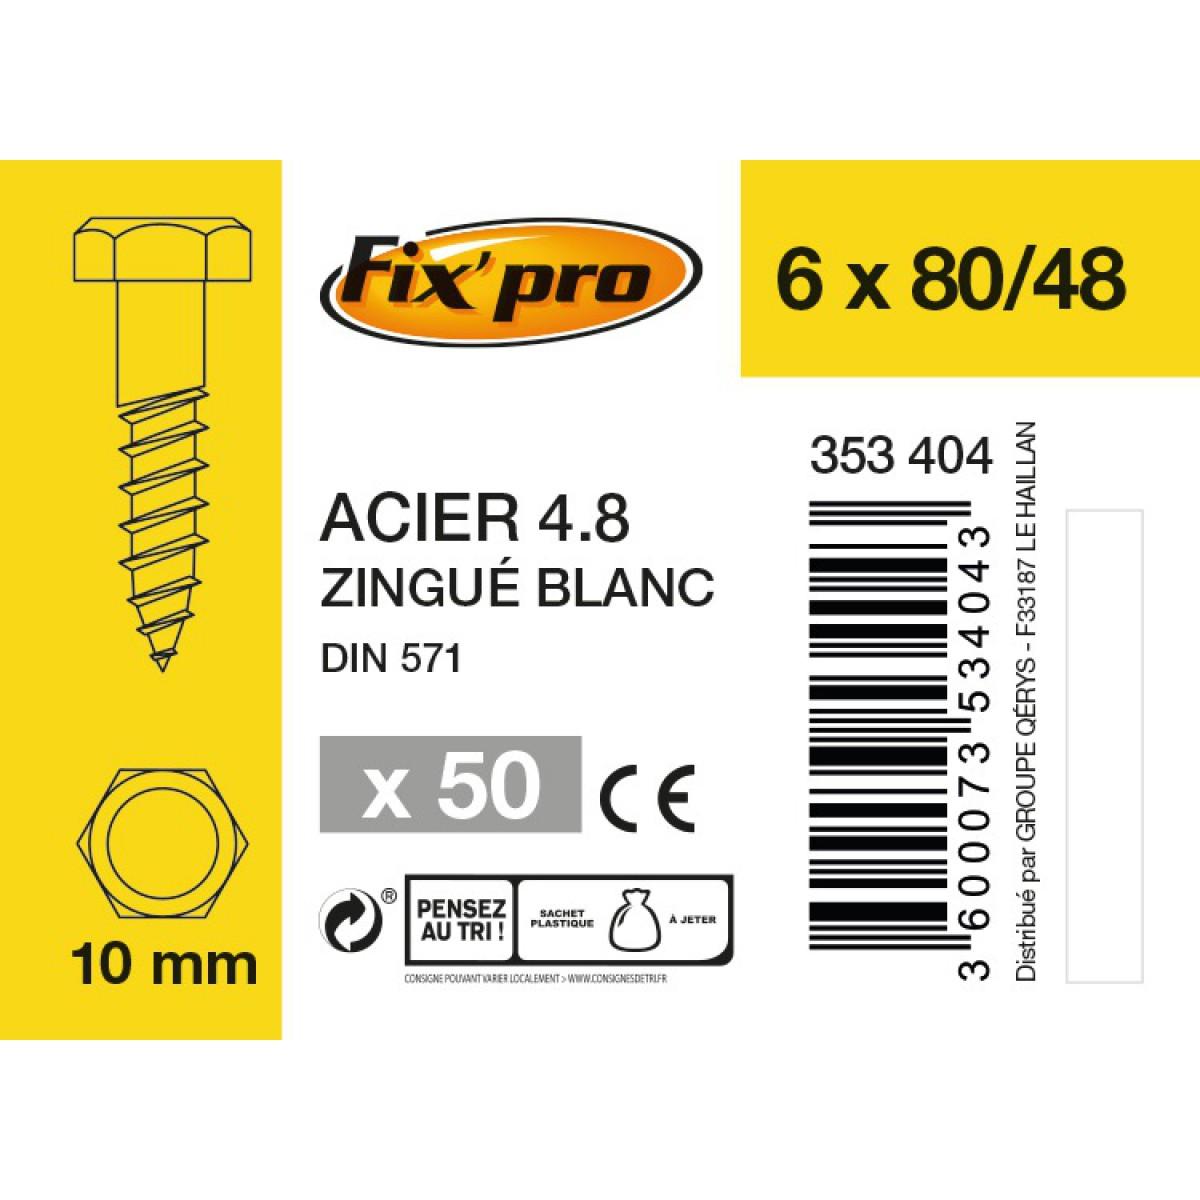 Tirefond tête hexagonale acier zingué - 6x80/48 - 50pces - Fixpro